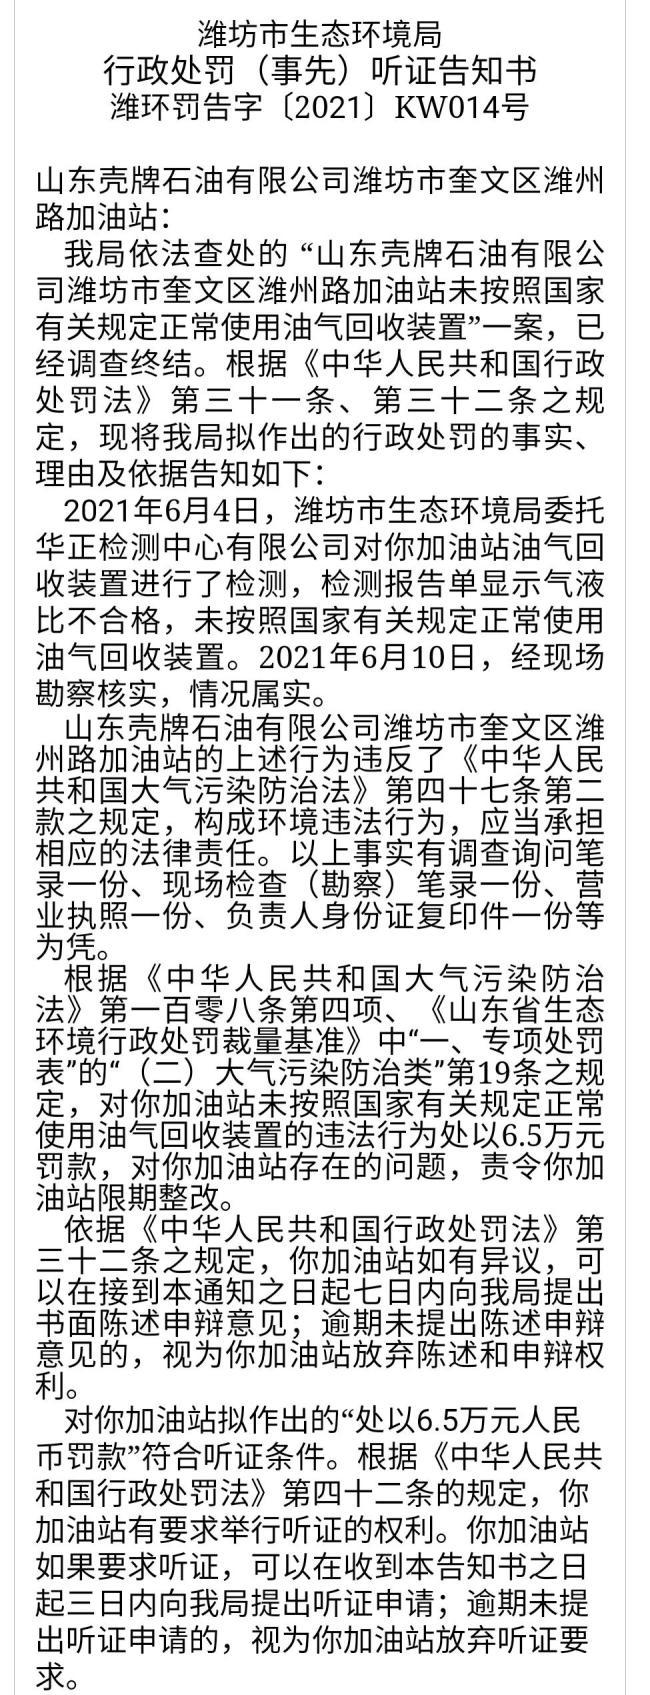 因气液比不合格,潍坊市一壳牌加油站被罚6.5万元